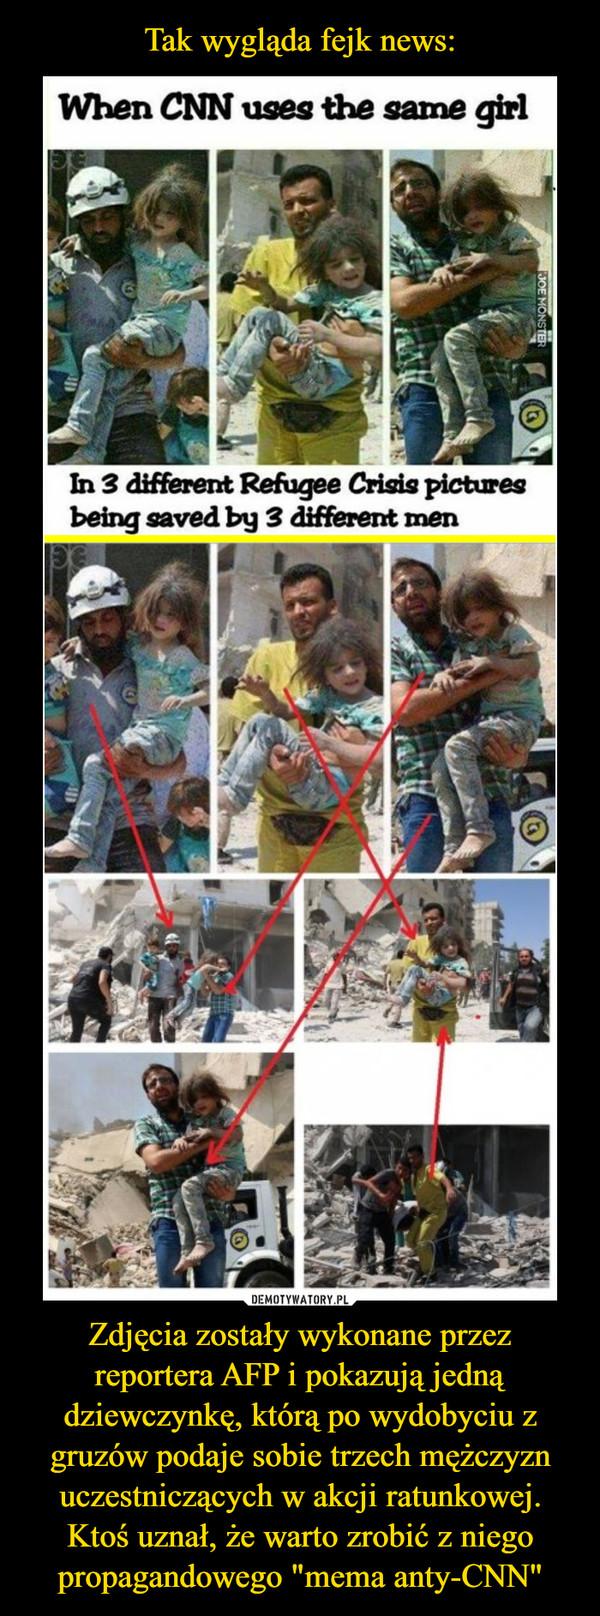 """Zdjęcia zostały wykonane przez reportera AFP i pokazują jedną dziewczynkę, którą po wydobyciu z gruzów podaje sobie trzech mężczyzn uczestniczących w akcji ratunkowej. Ktoś uznał, że warto zrobić z niego propagandowego """"mema anty-CNN"""" –"""